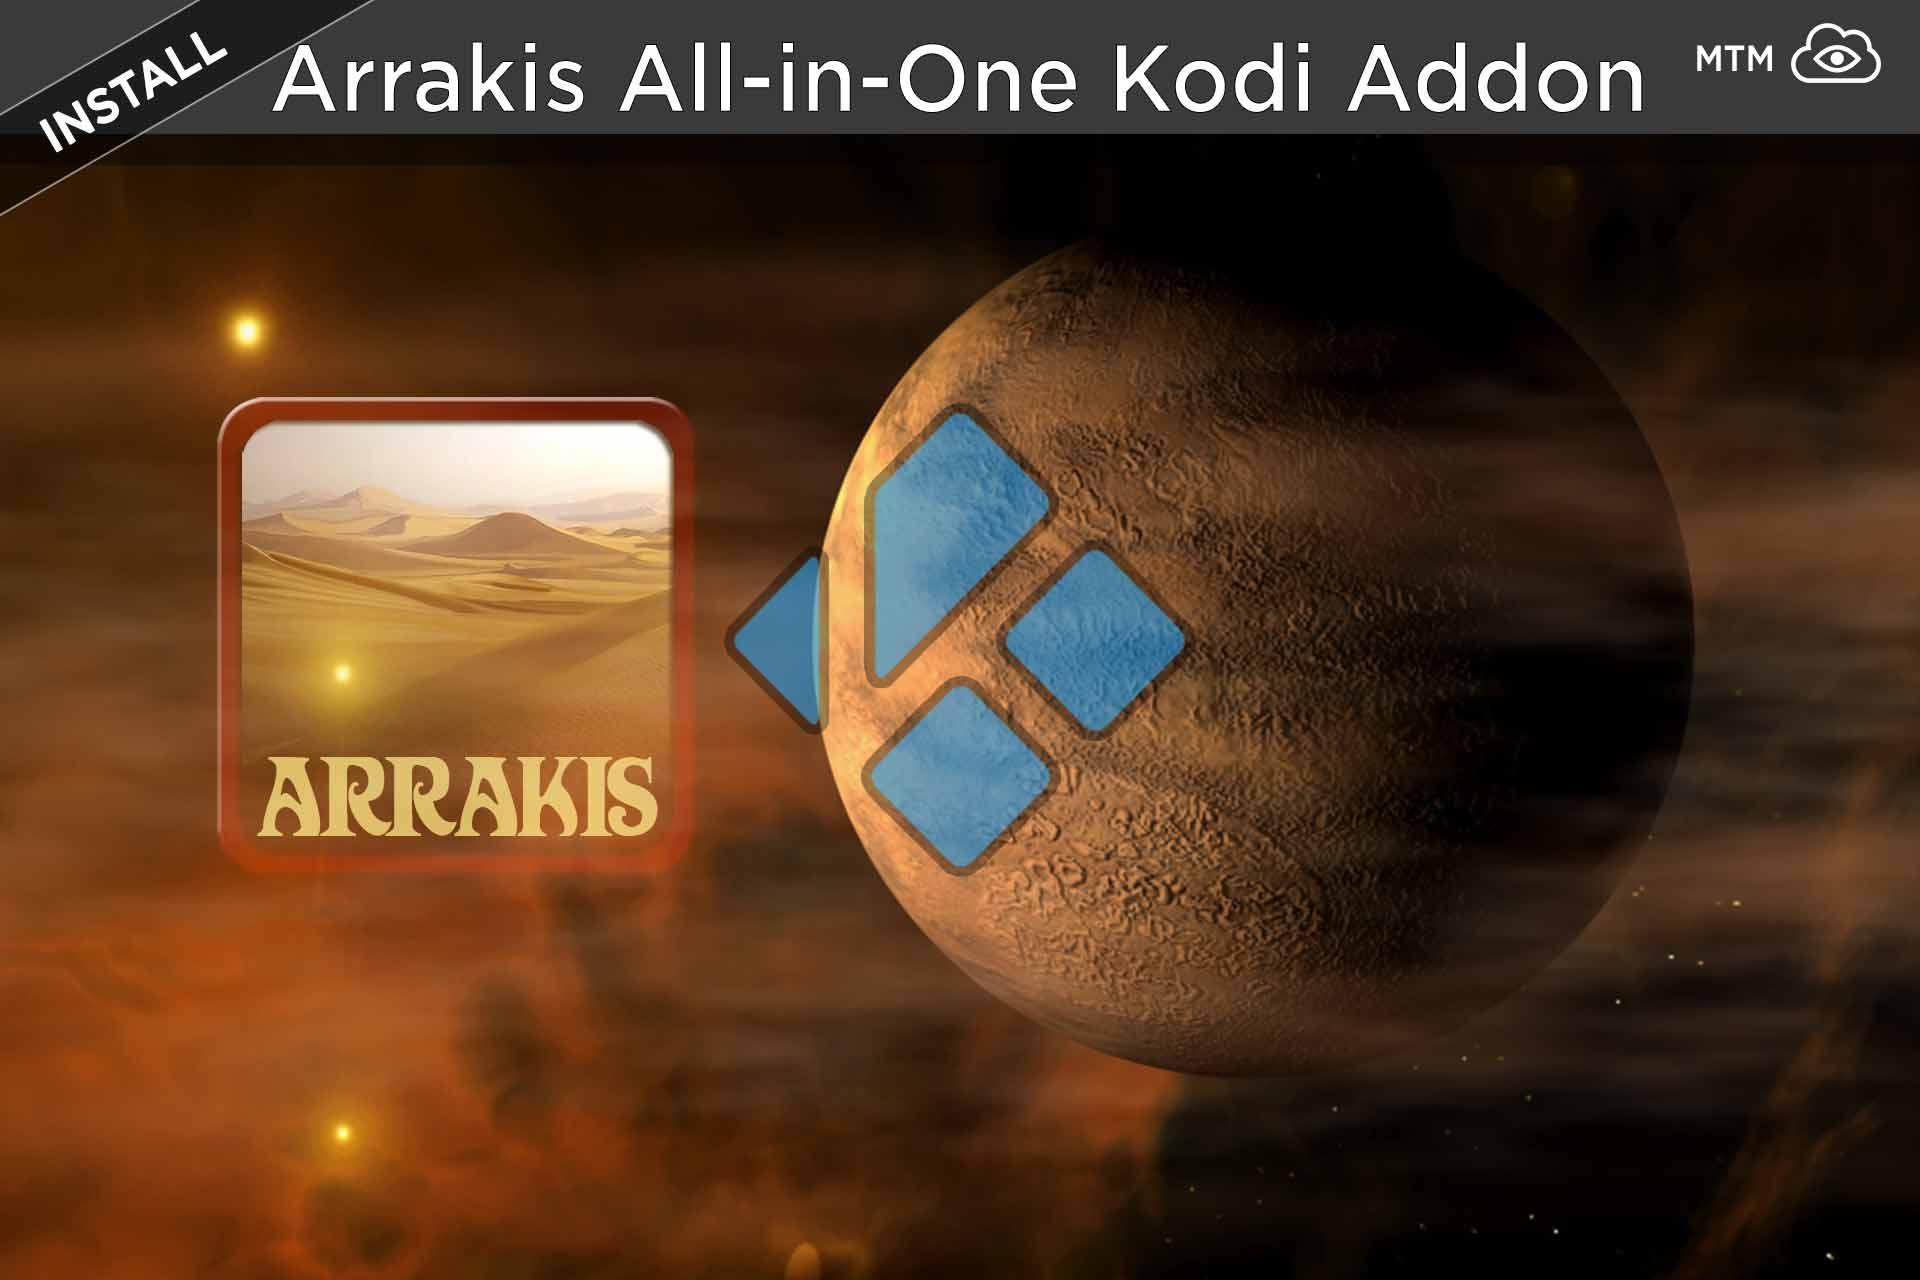 Nola instalatu Arrakis-en-One Kodi Addon